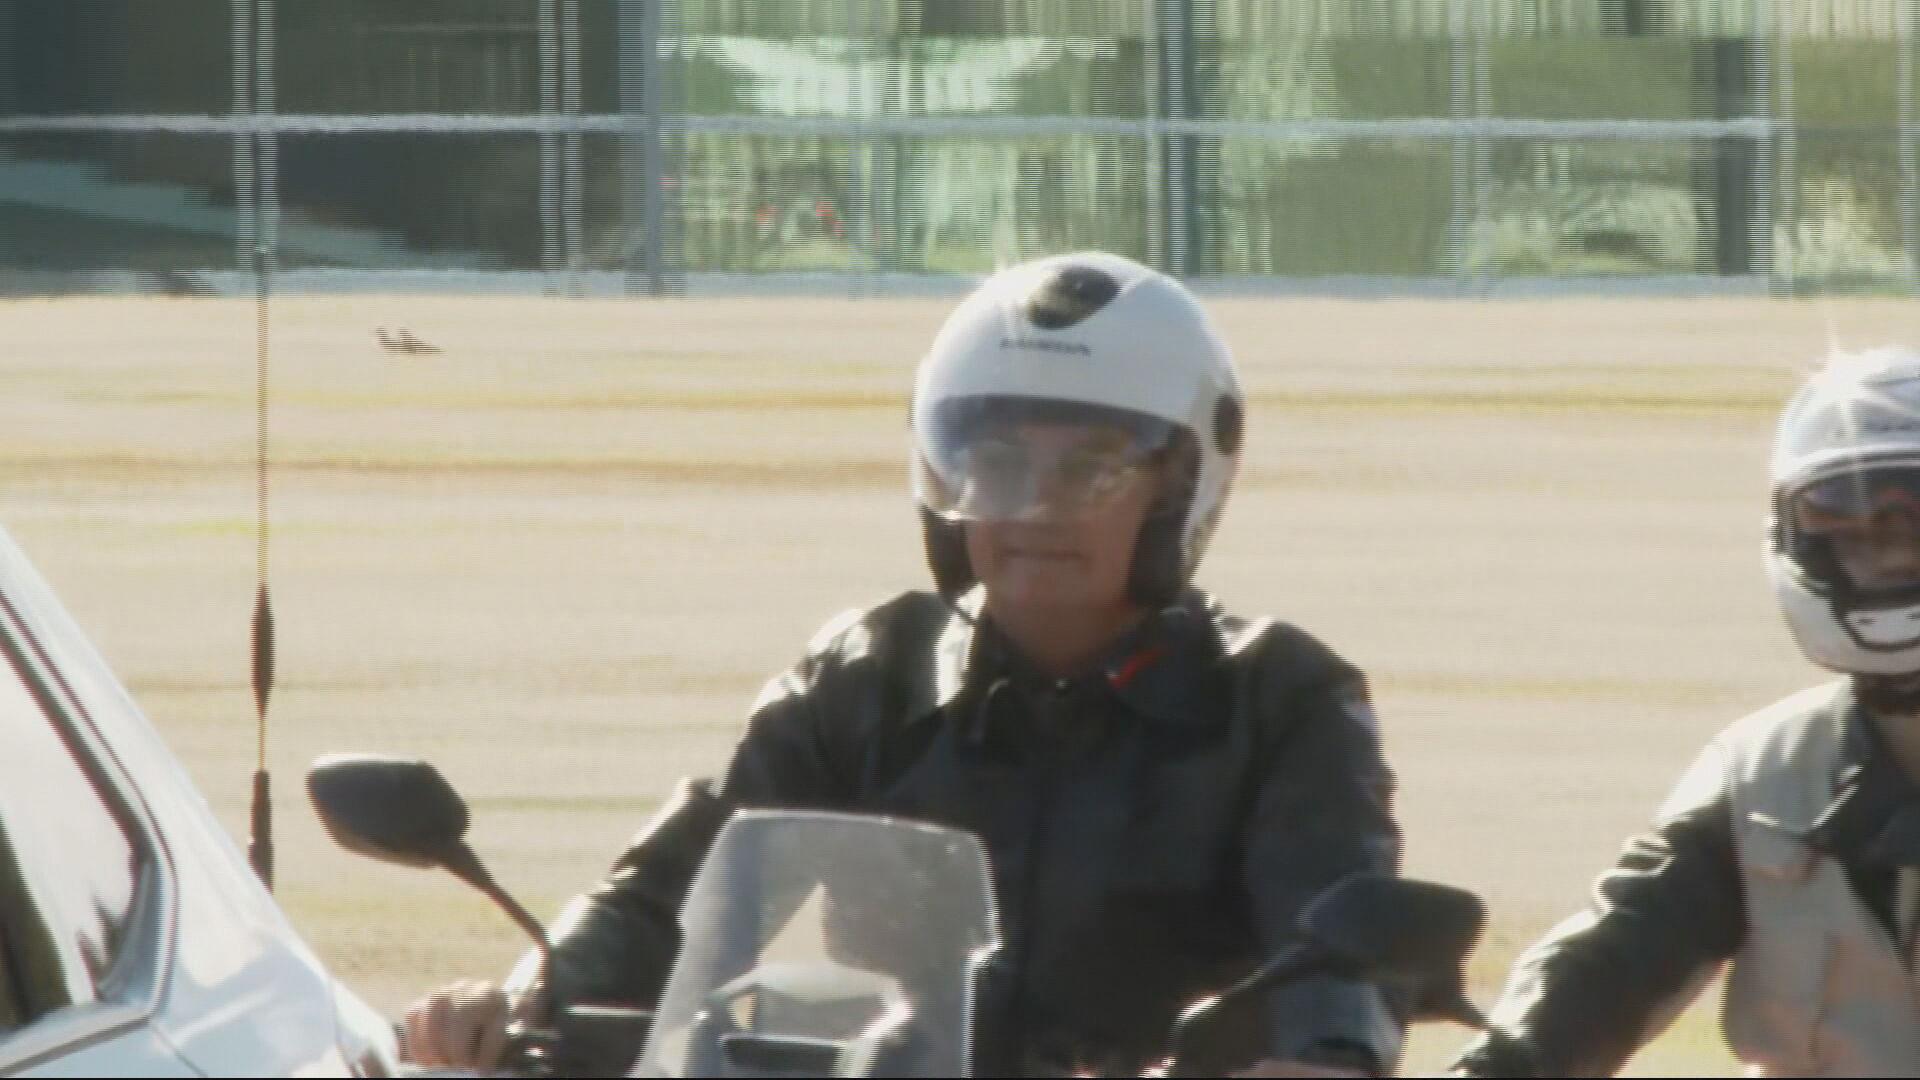 Presidente Jair Bolsonaro saiu de moto do Palácio do Alvorada neste domingo